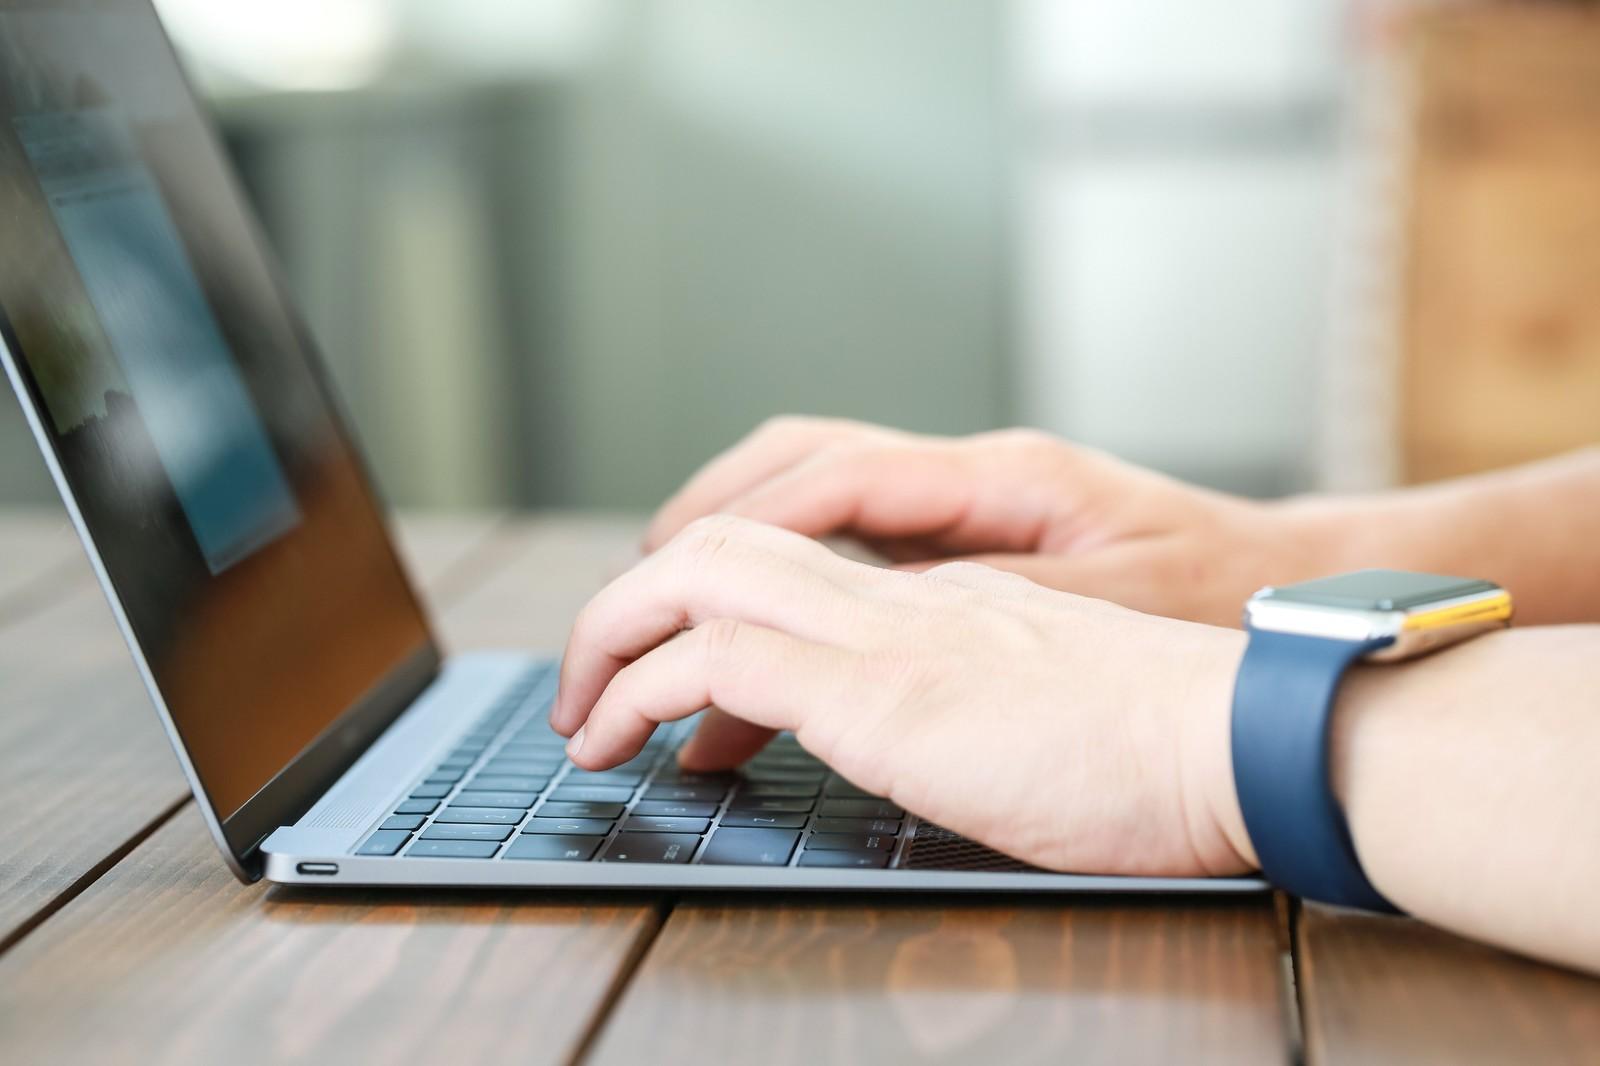 仕事を検索してみるメリットや仕事の検索の仕方、求人を見なければ何もわからない